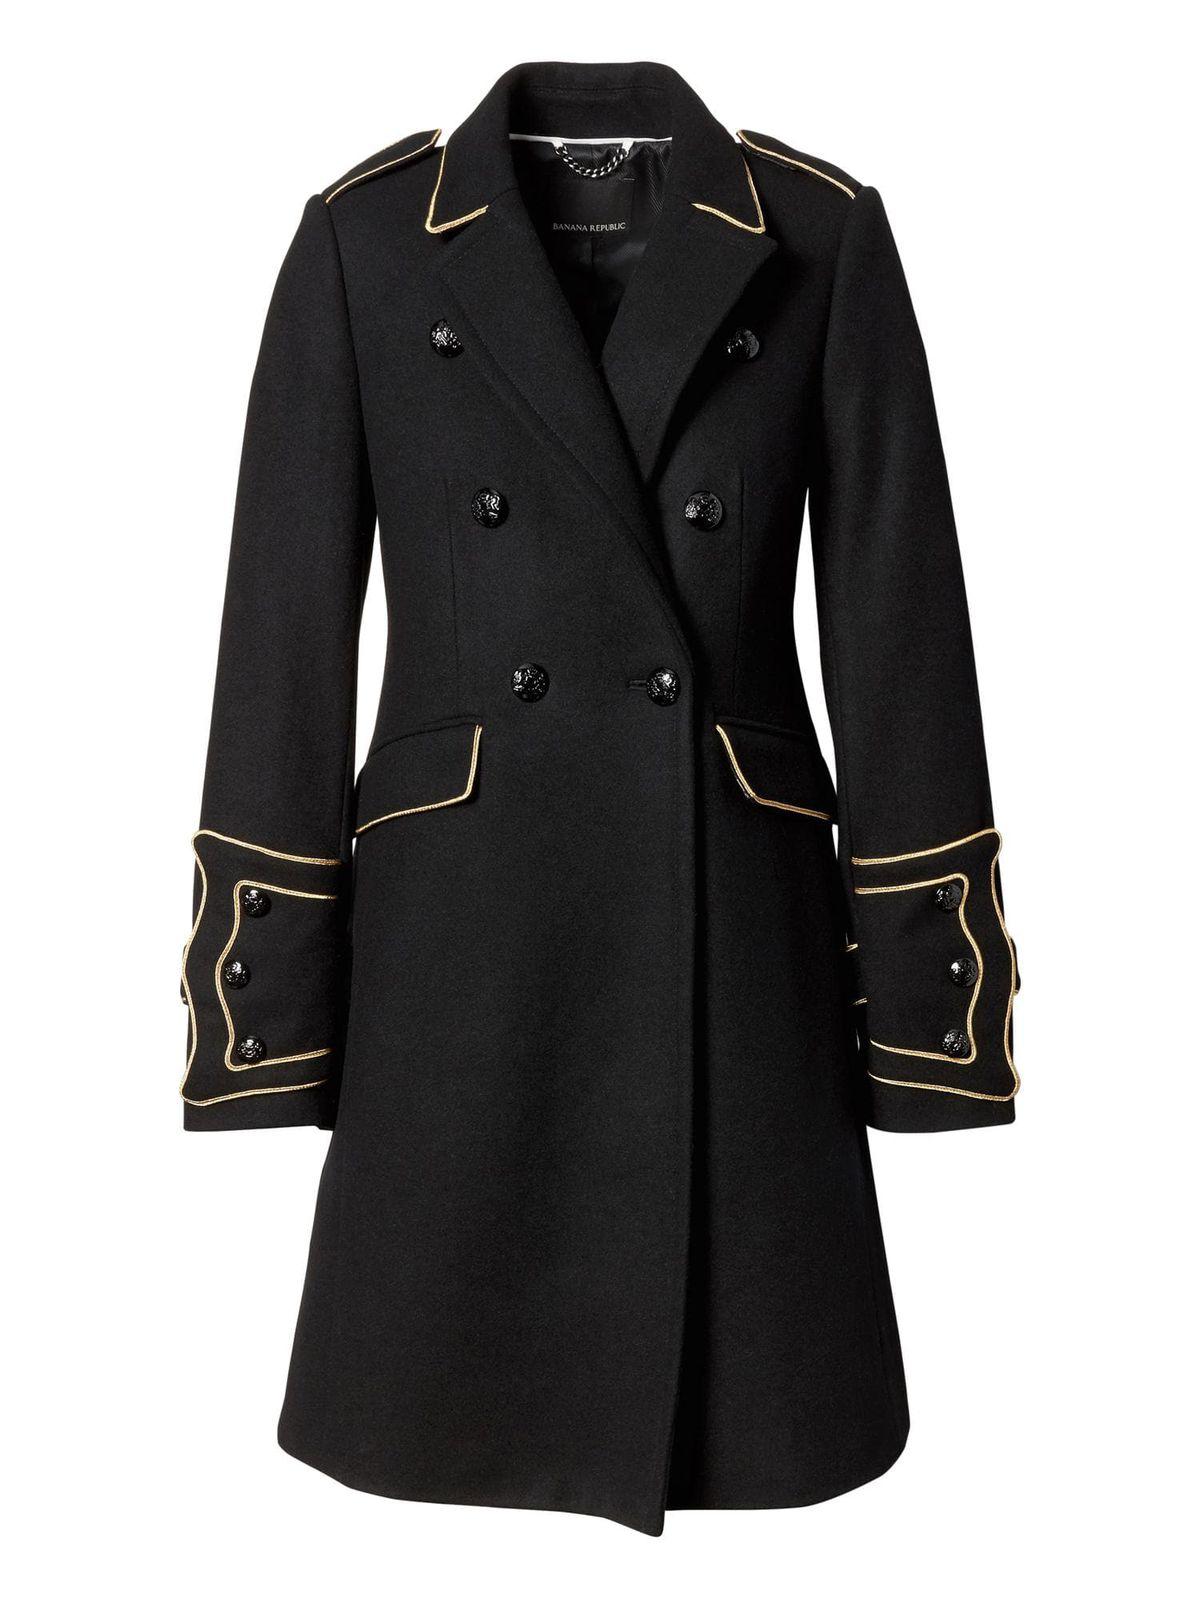 Banana Republic x Olivia Palermo Military Coat, $348